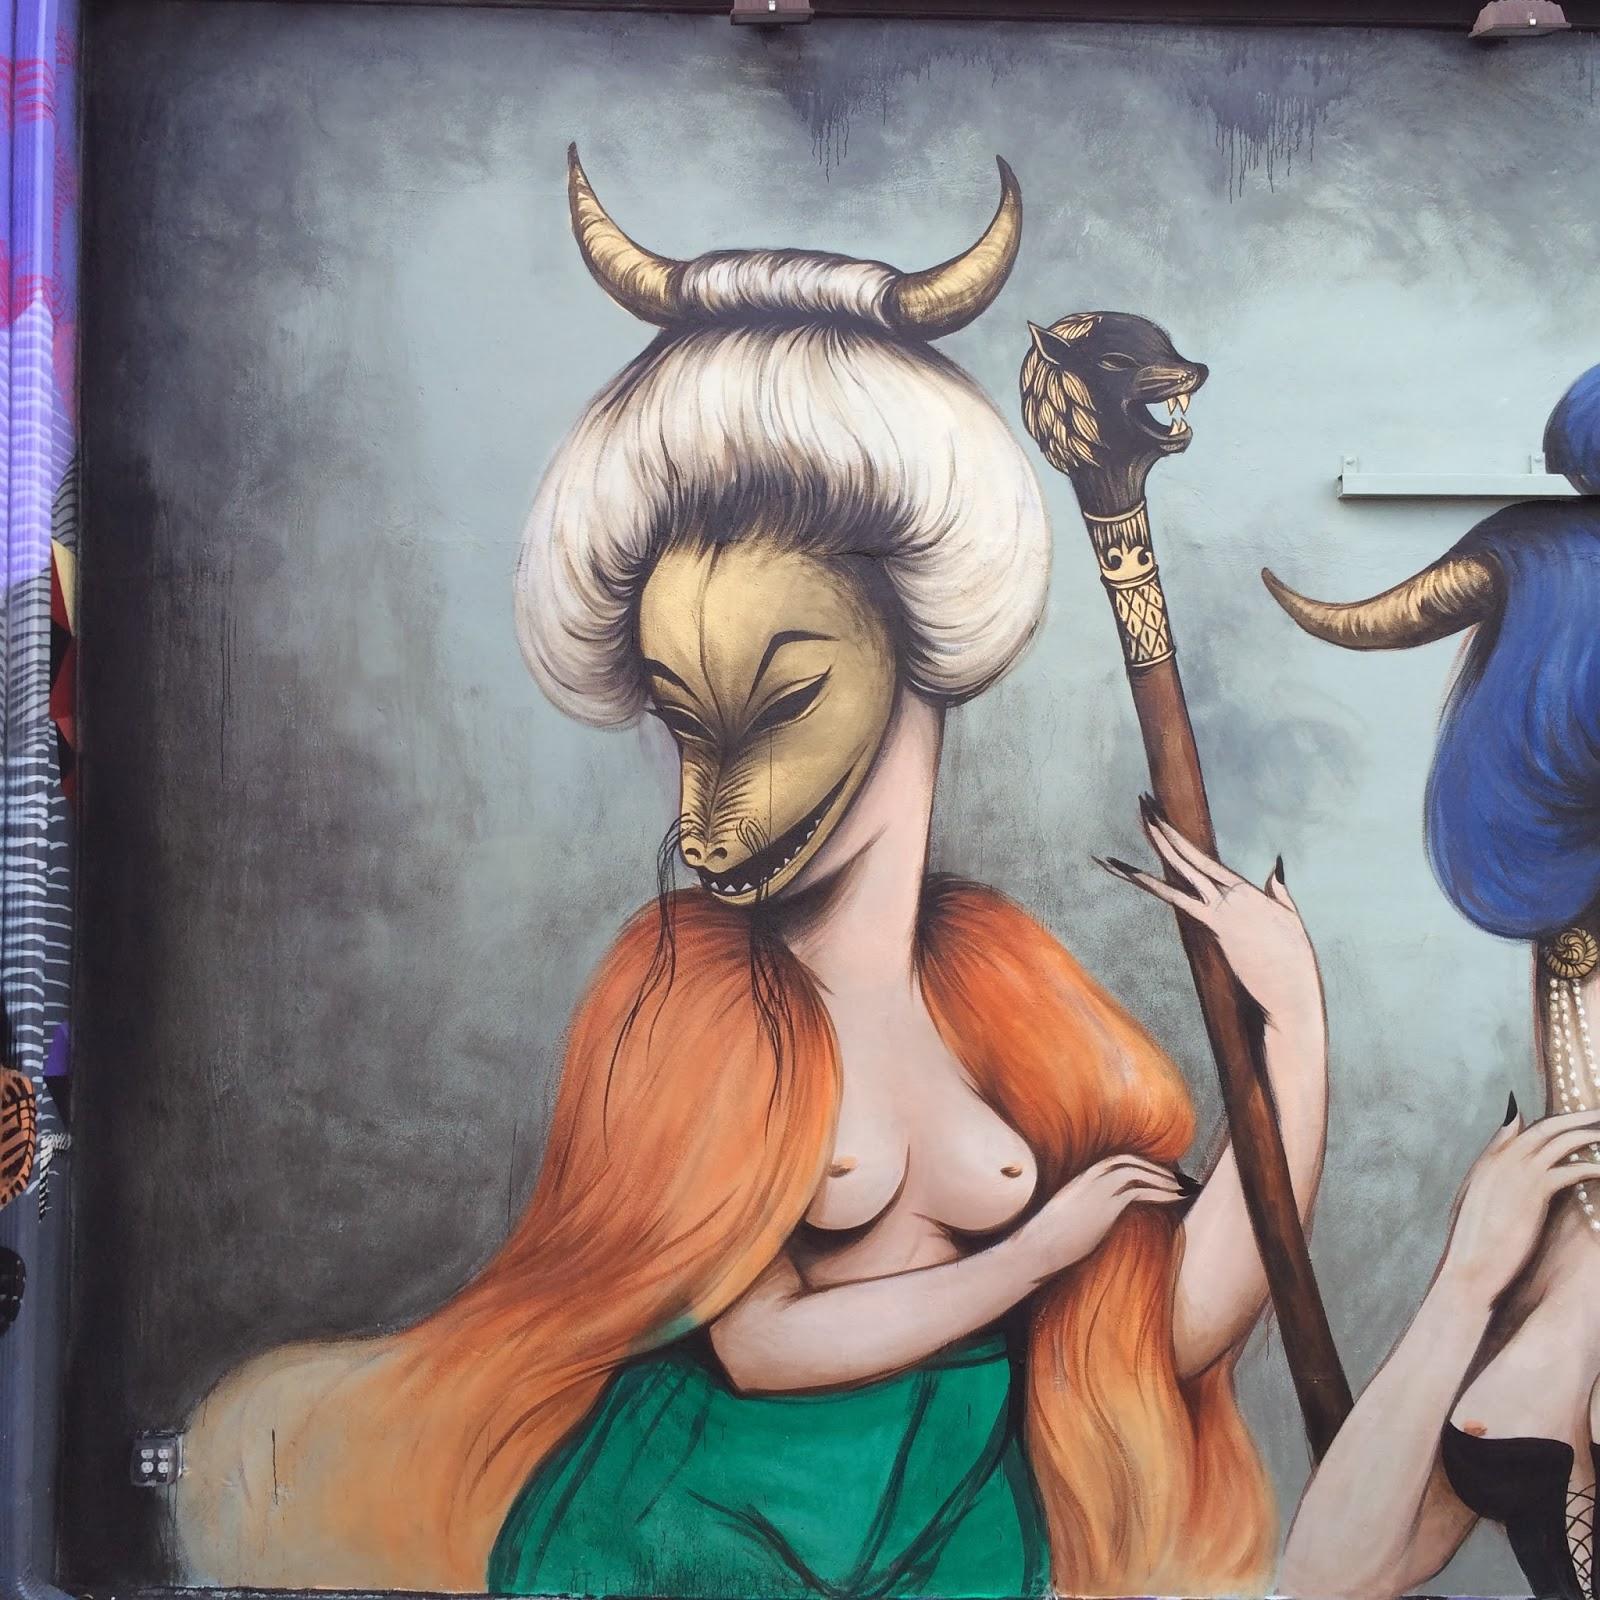 miss-van-new-mural-at-art-basel-2013-04